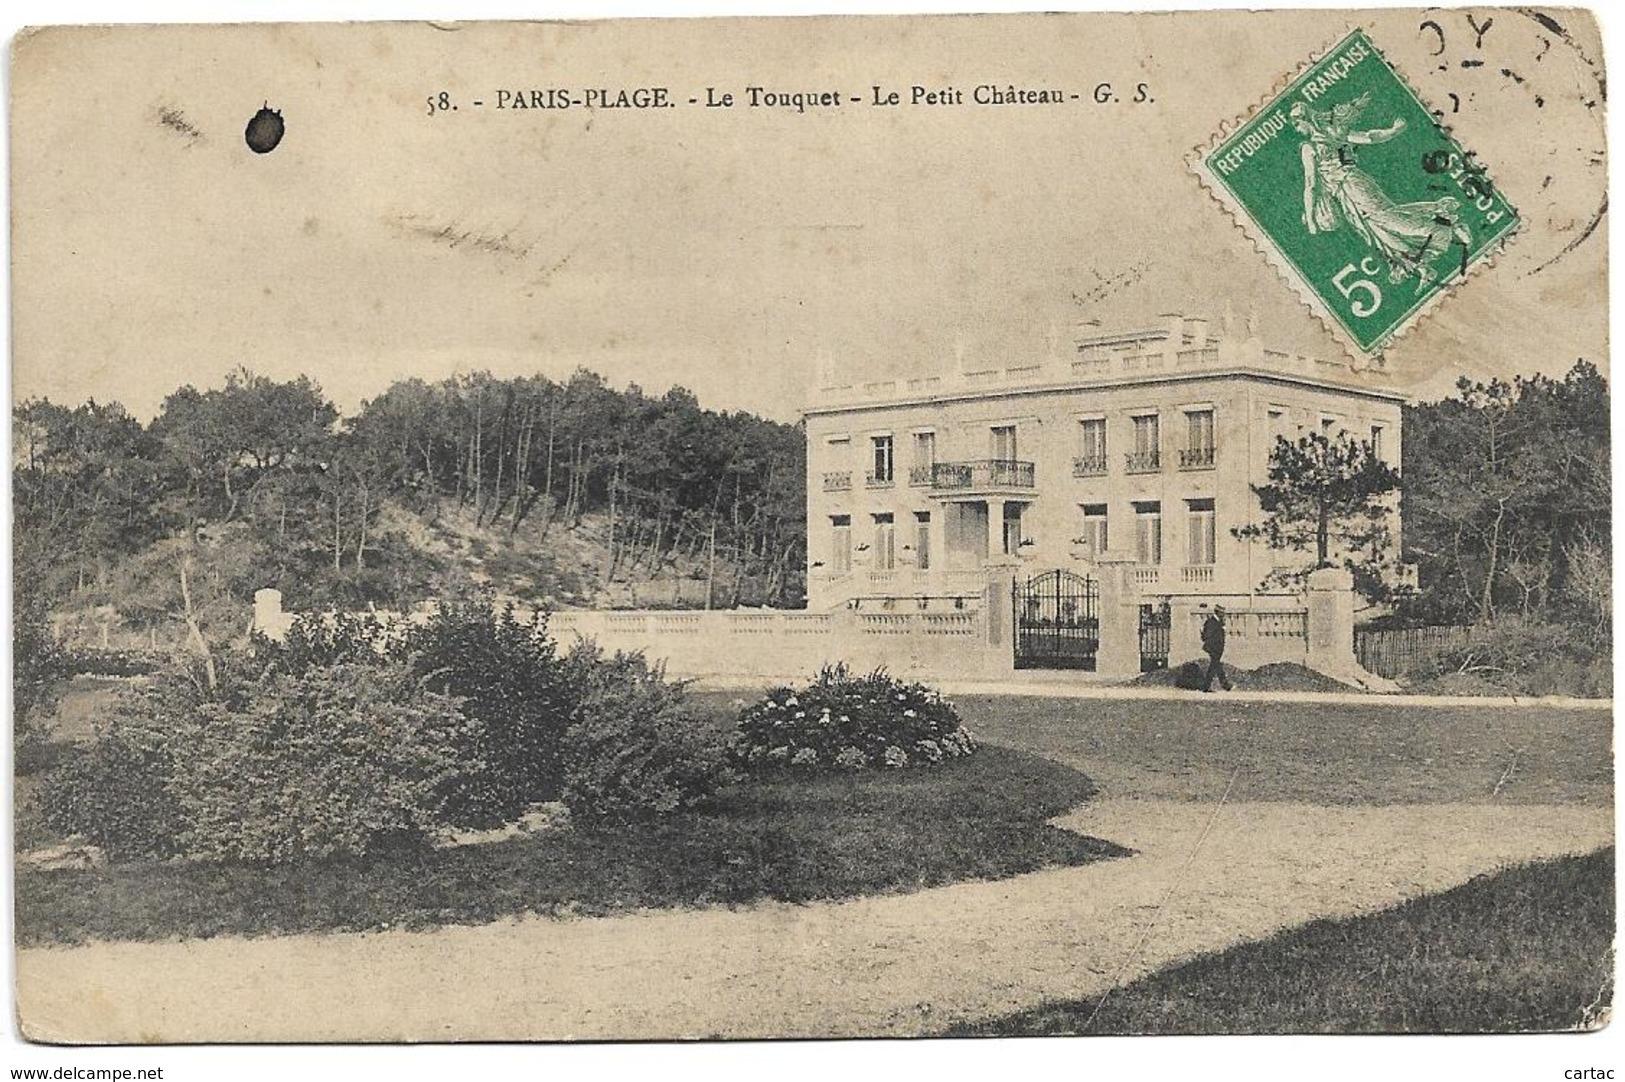 D62 - PARIS PLAGE - LE TOUQUET - LE PETIT CHÂTEAU - Frankrijk